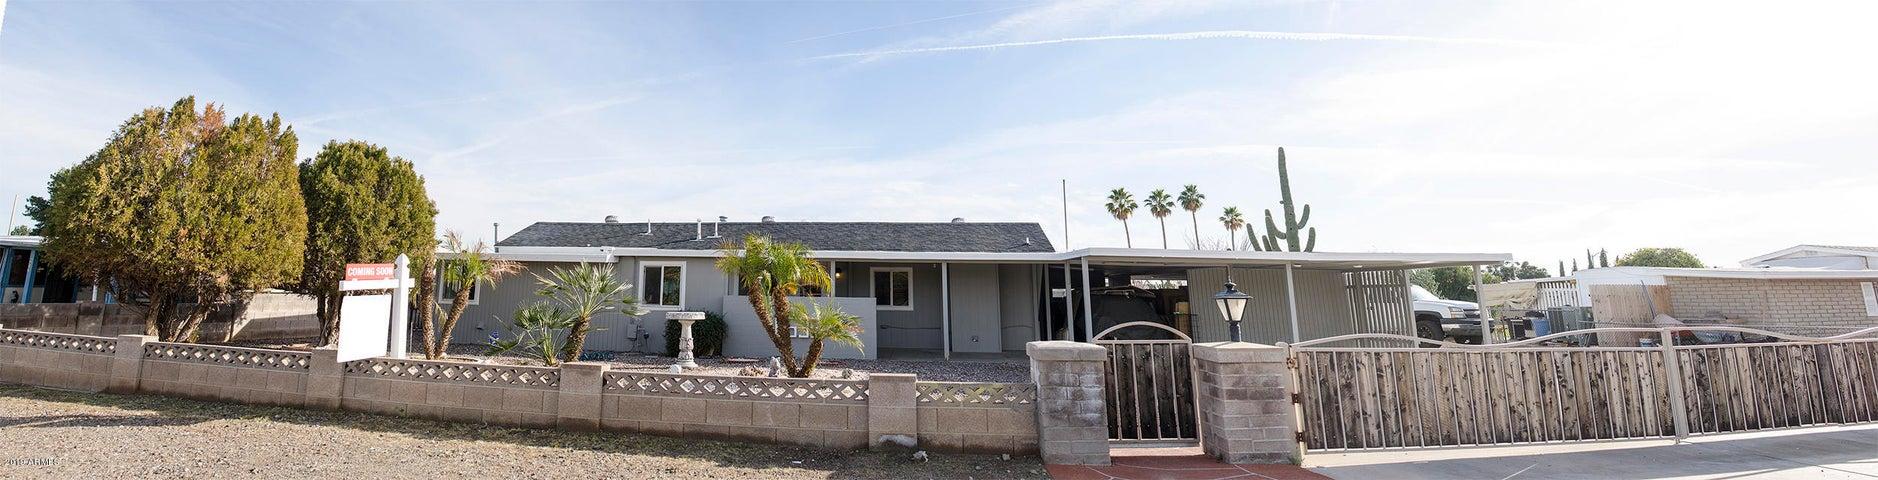 6635 W CAROL ANN Way, Glendale, AZ 85306